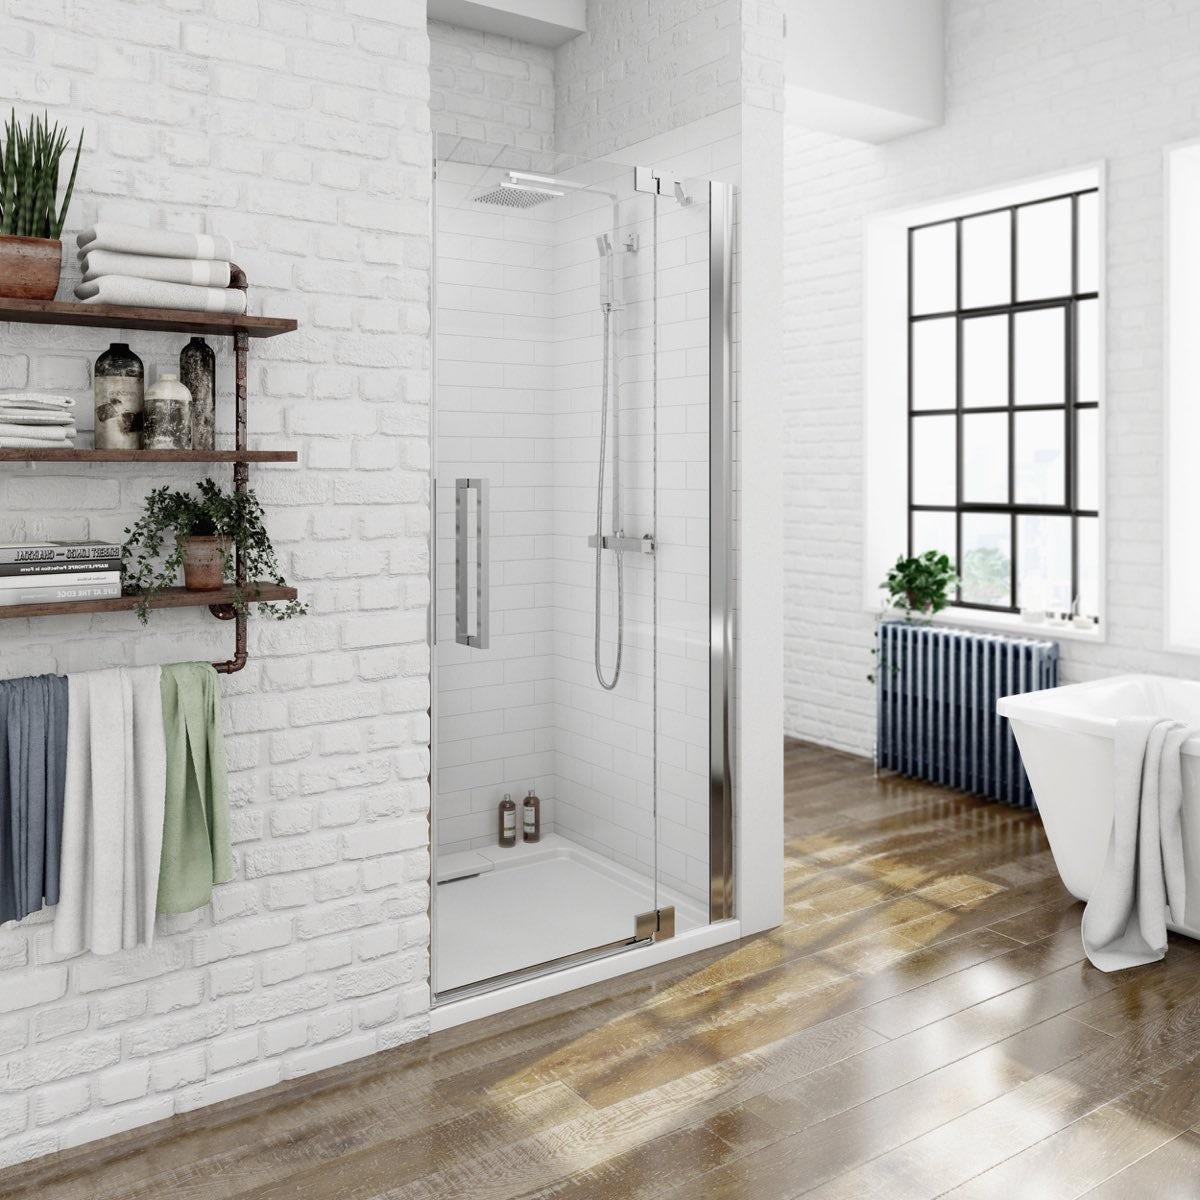 Mode luxury 8mm right handed frameless hinged shower door 760mm